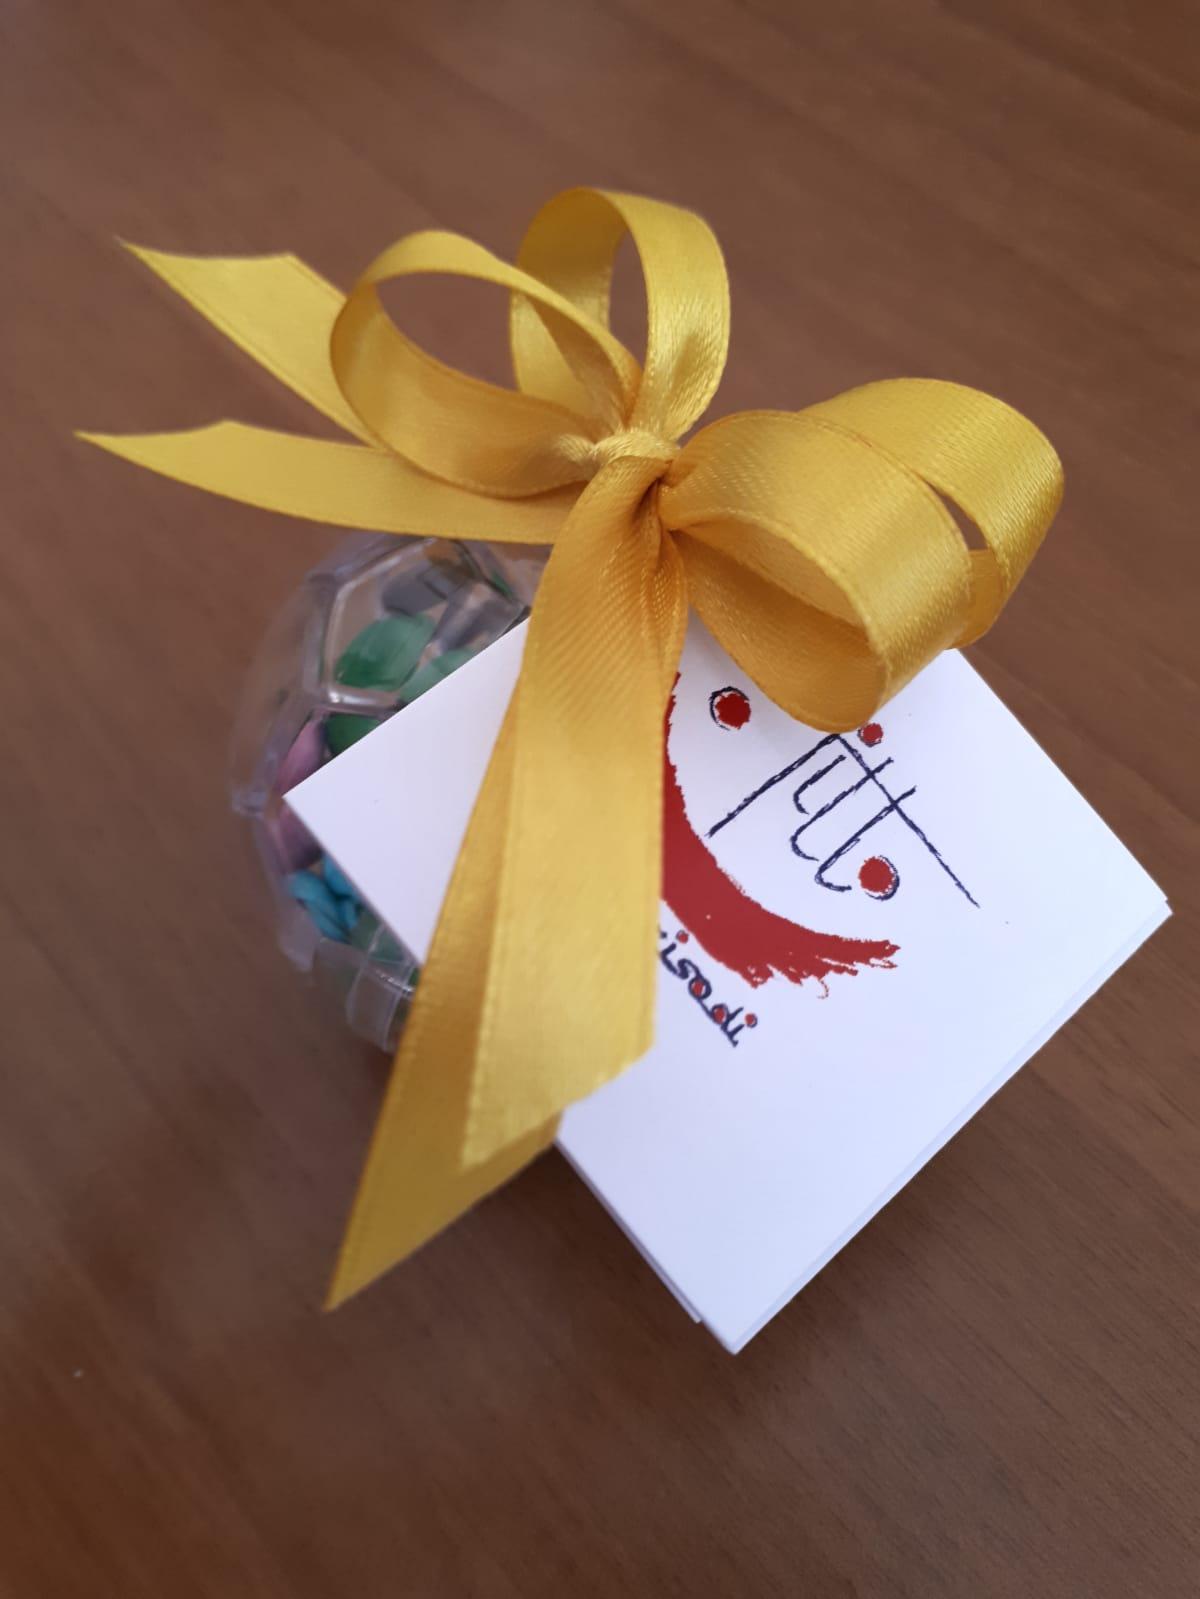 Bomboniera con scatola trasparente in plexiglass e fiocco giallo